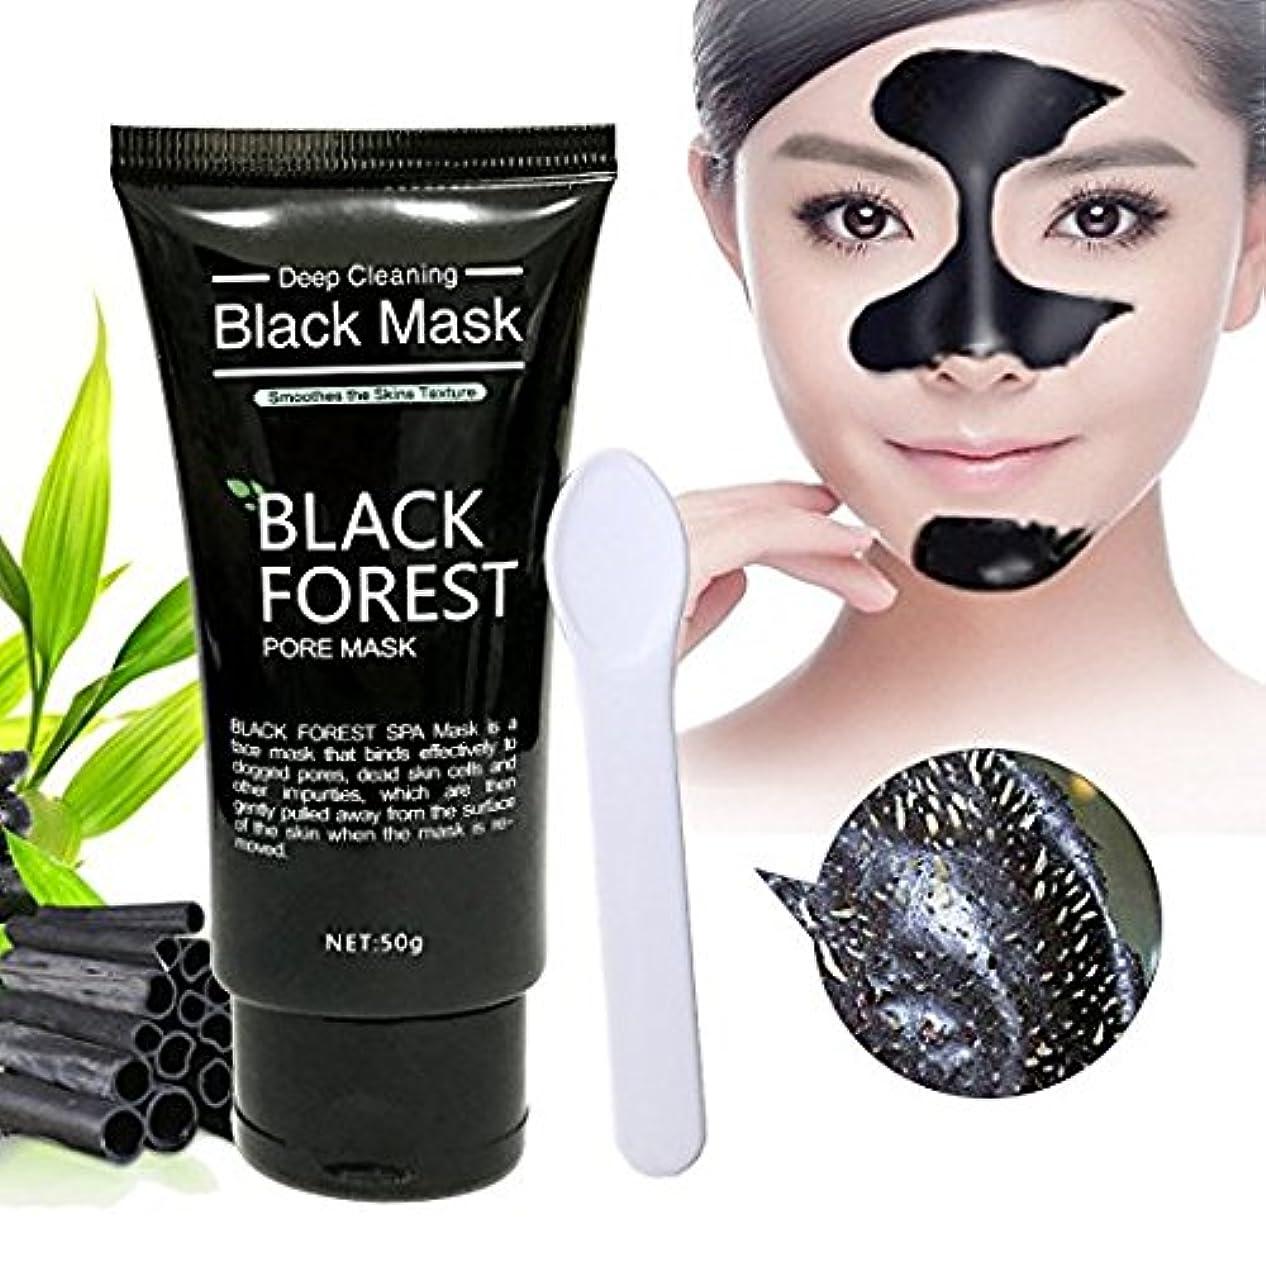 アセペダルアクチュエータBlackhead Remover Mask, Black Forest Spa-Peel Off Black Head Acne Treatments,Face Cleaning Mask+Spoon